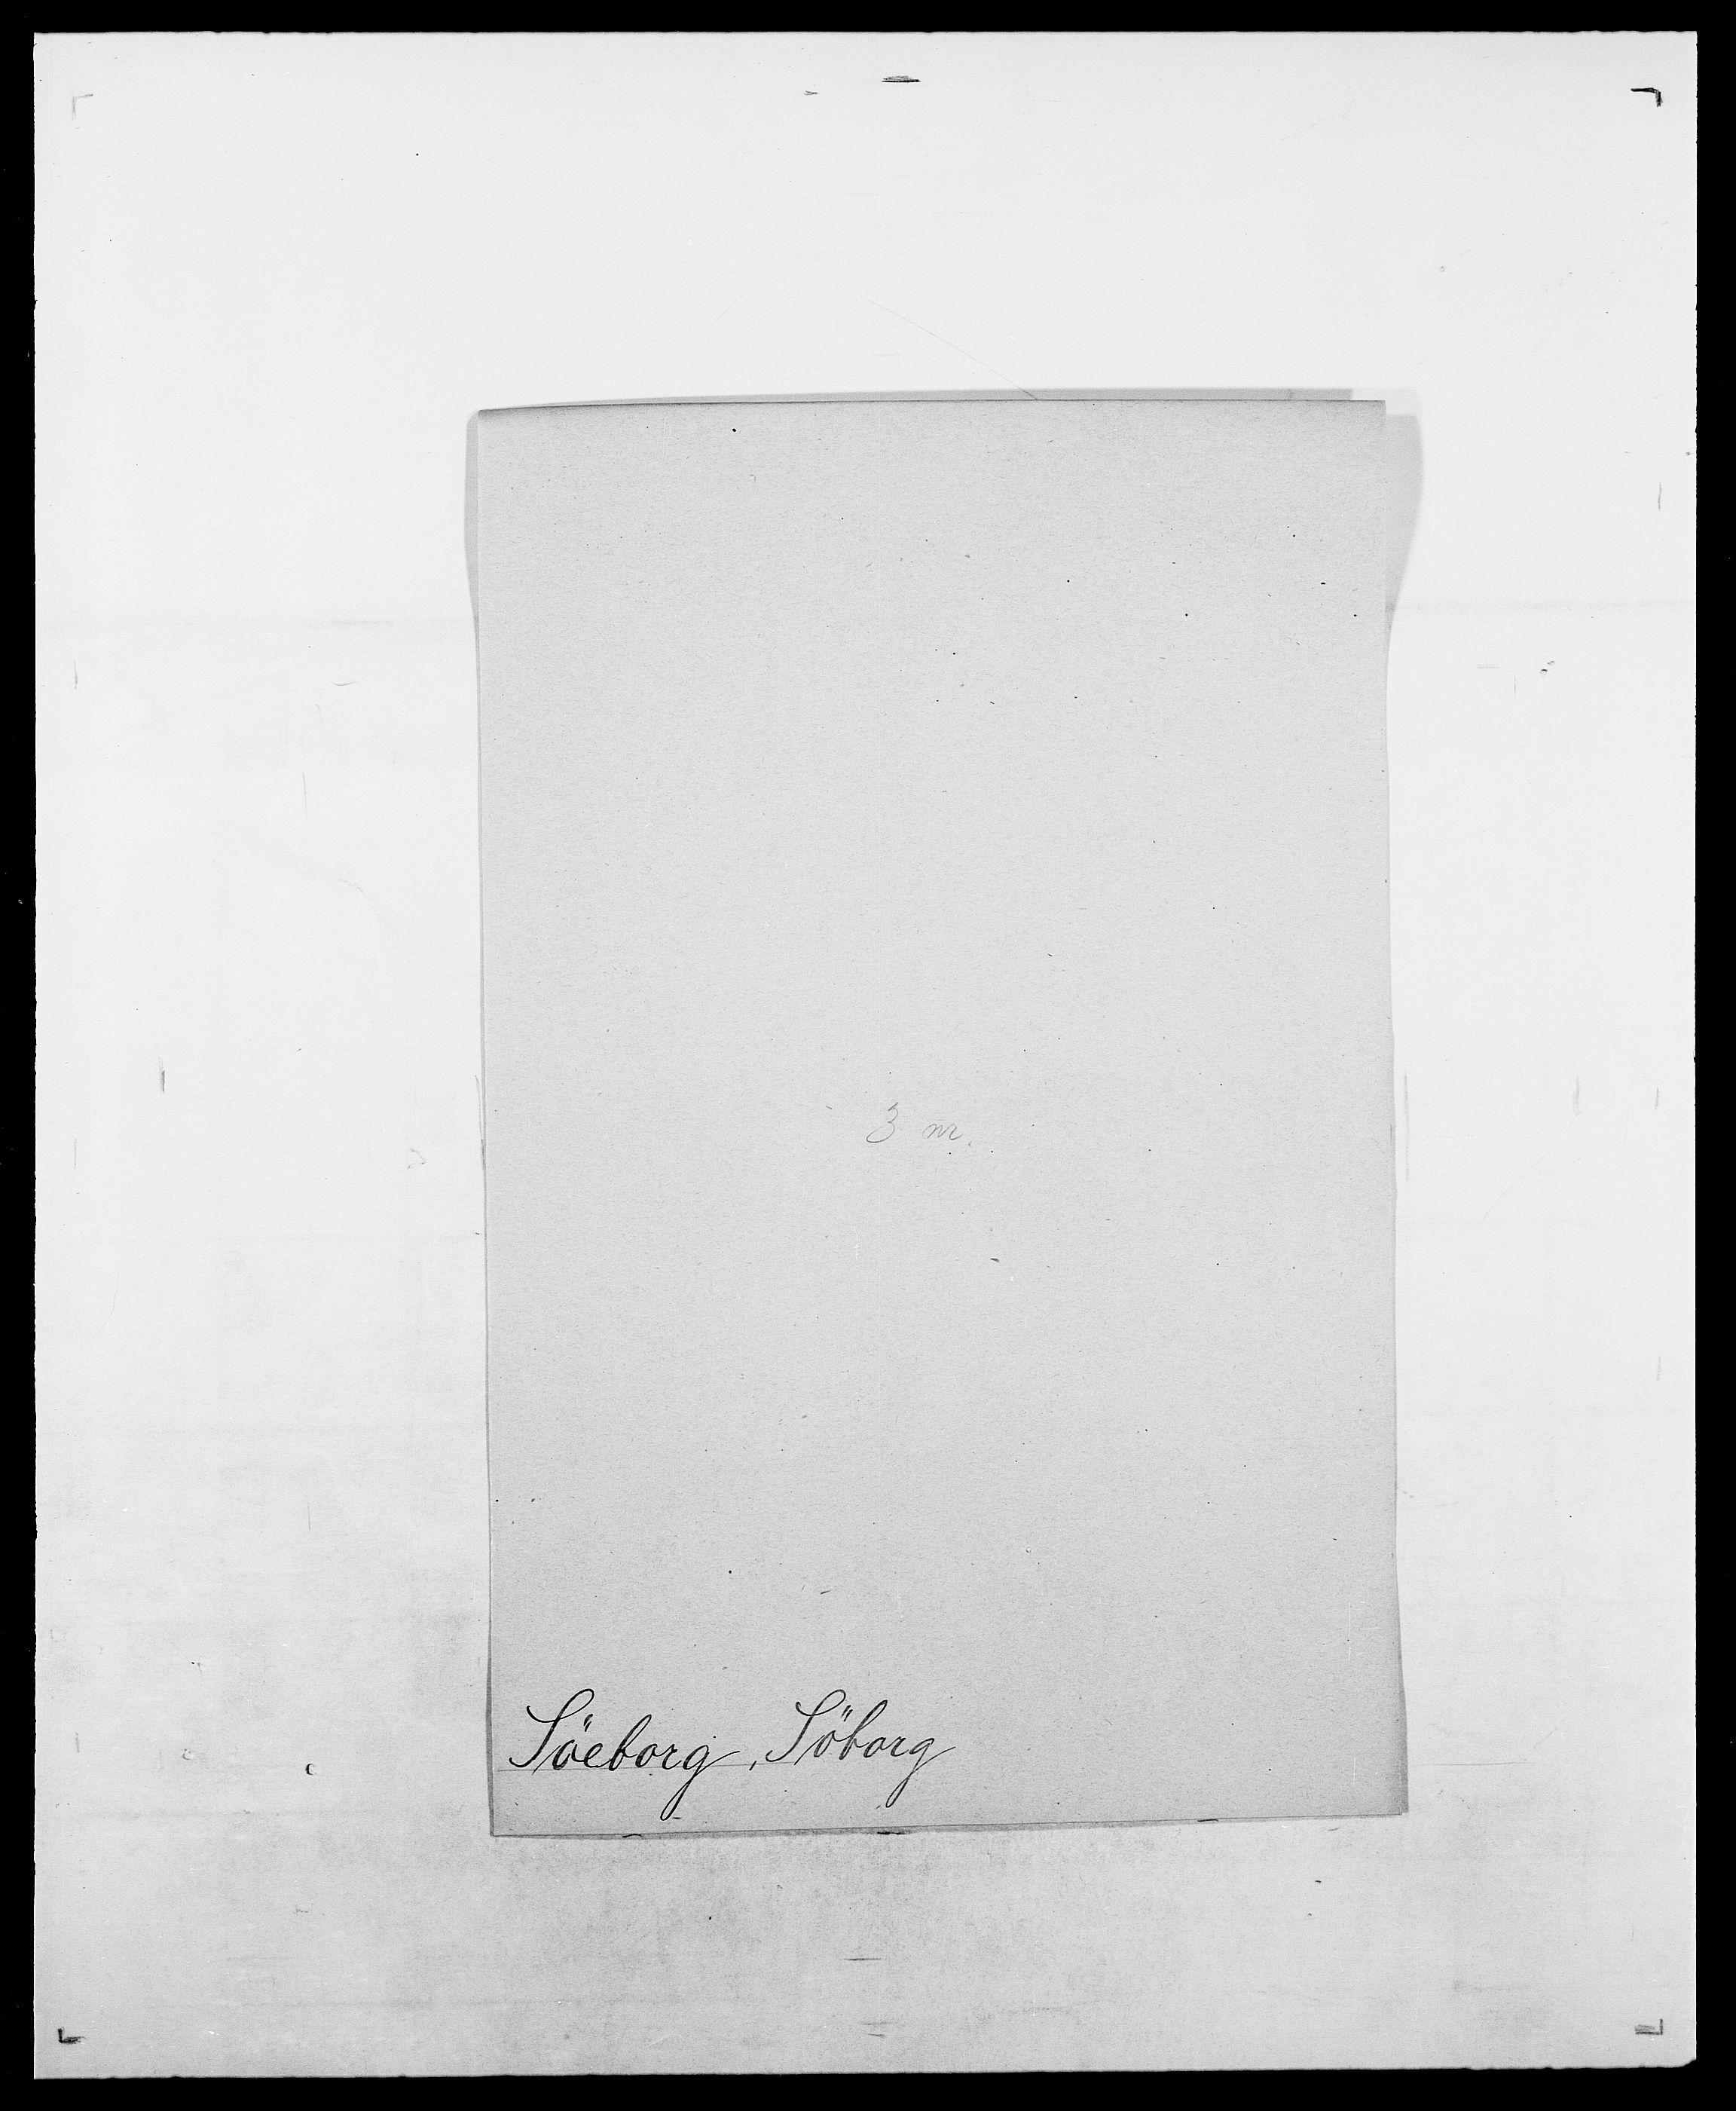 SAO, Delgobe, Charles Antoine - samling, D/Da/L0038: Svanenskjold - Thornsohn, s. 156